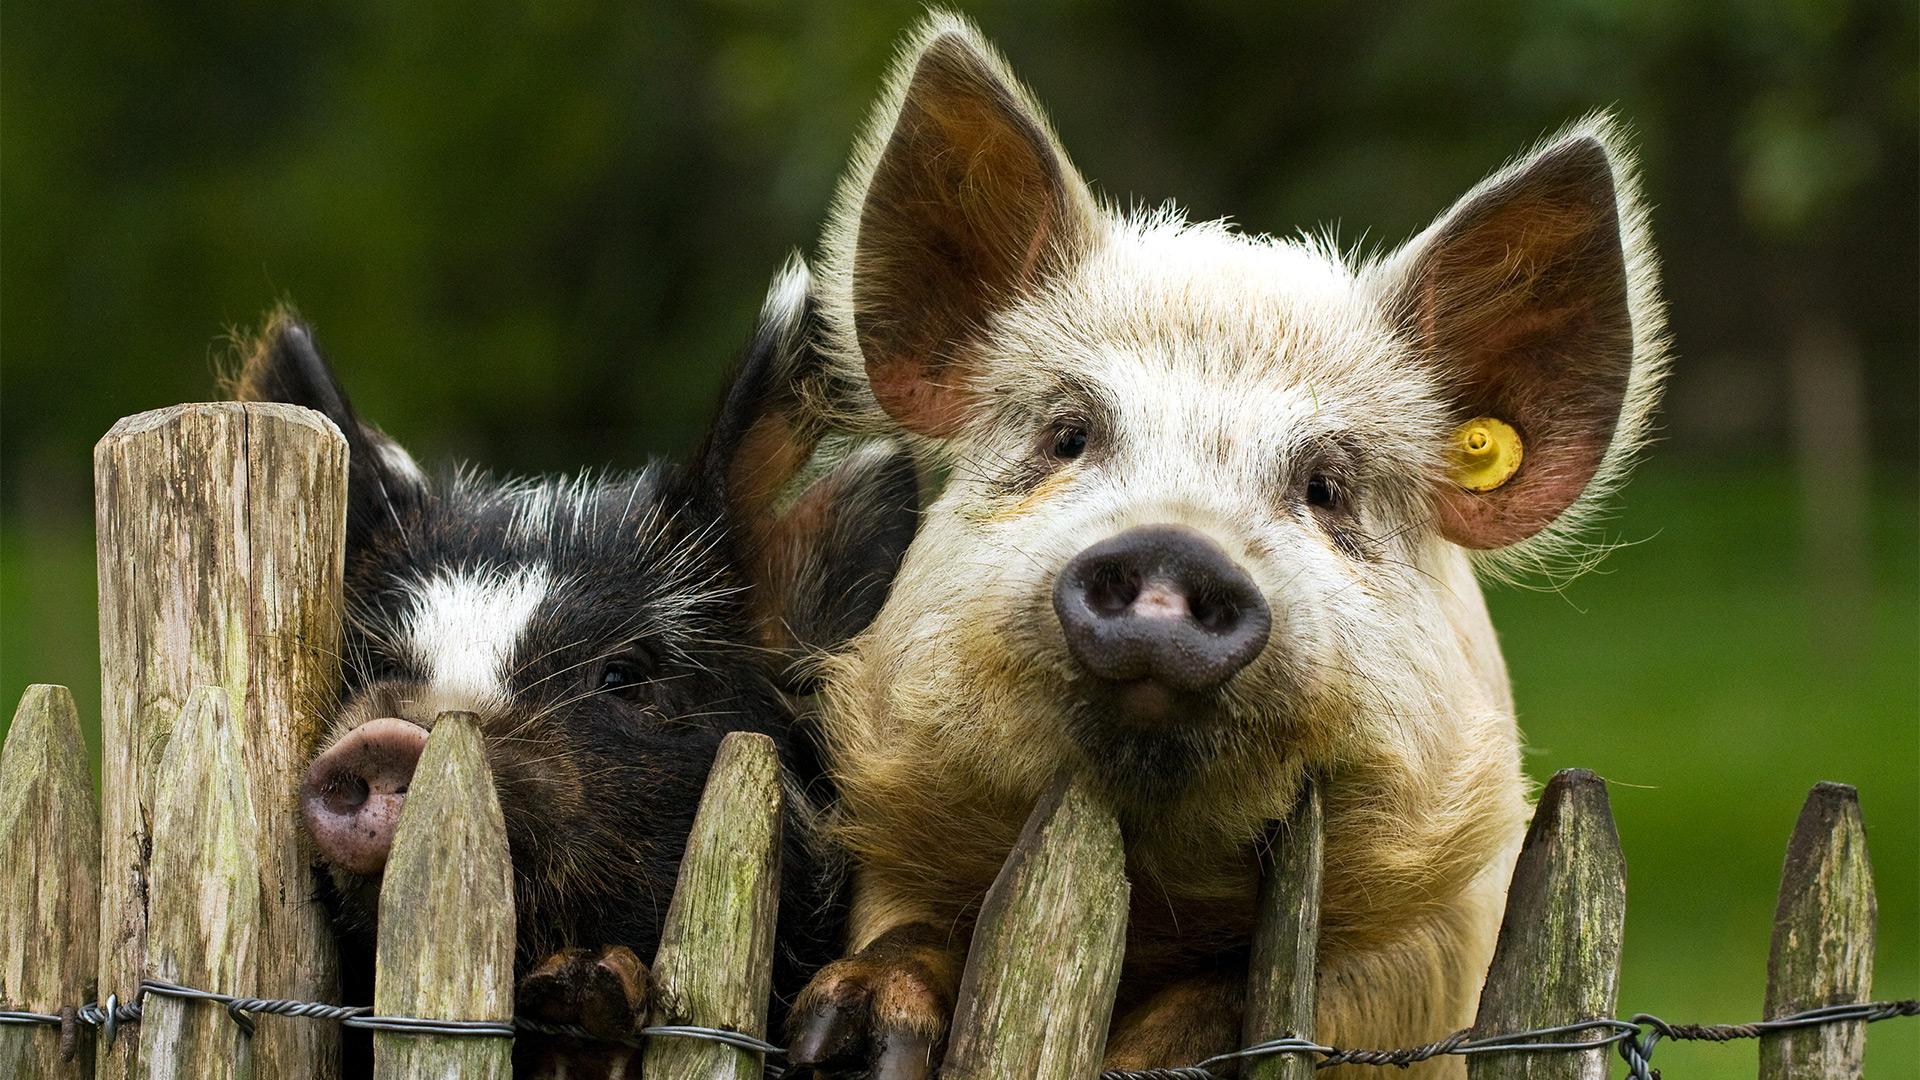 картинки с изображением свиньи на рабочий стол пуговкой